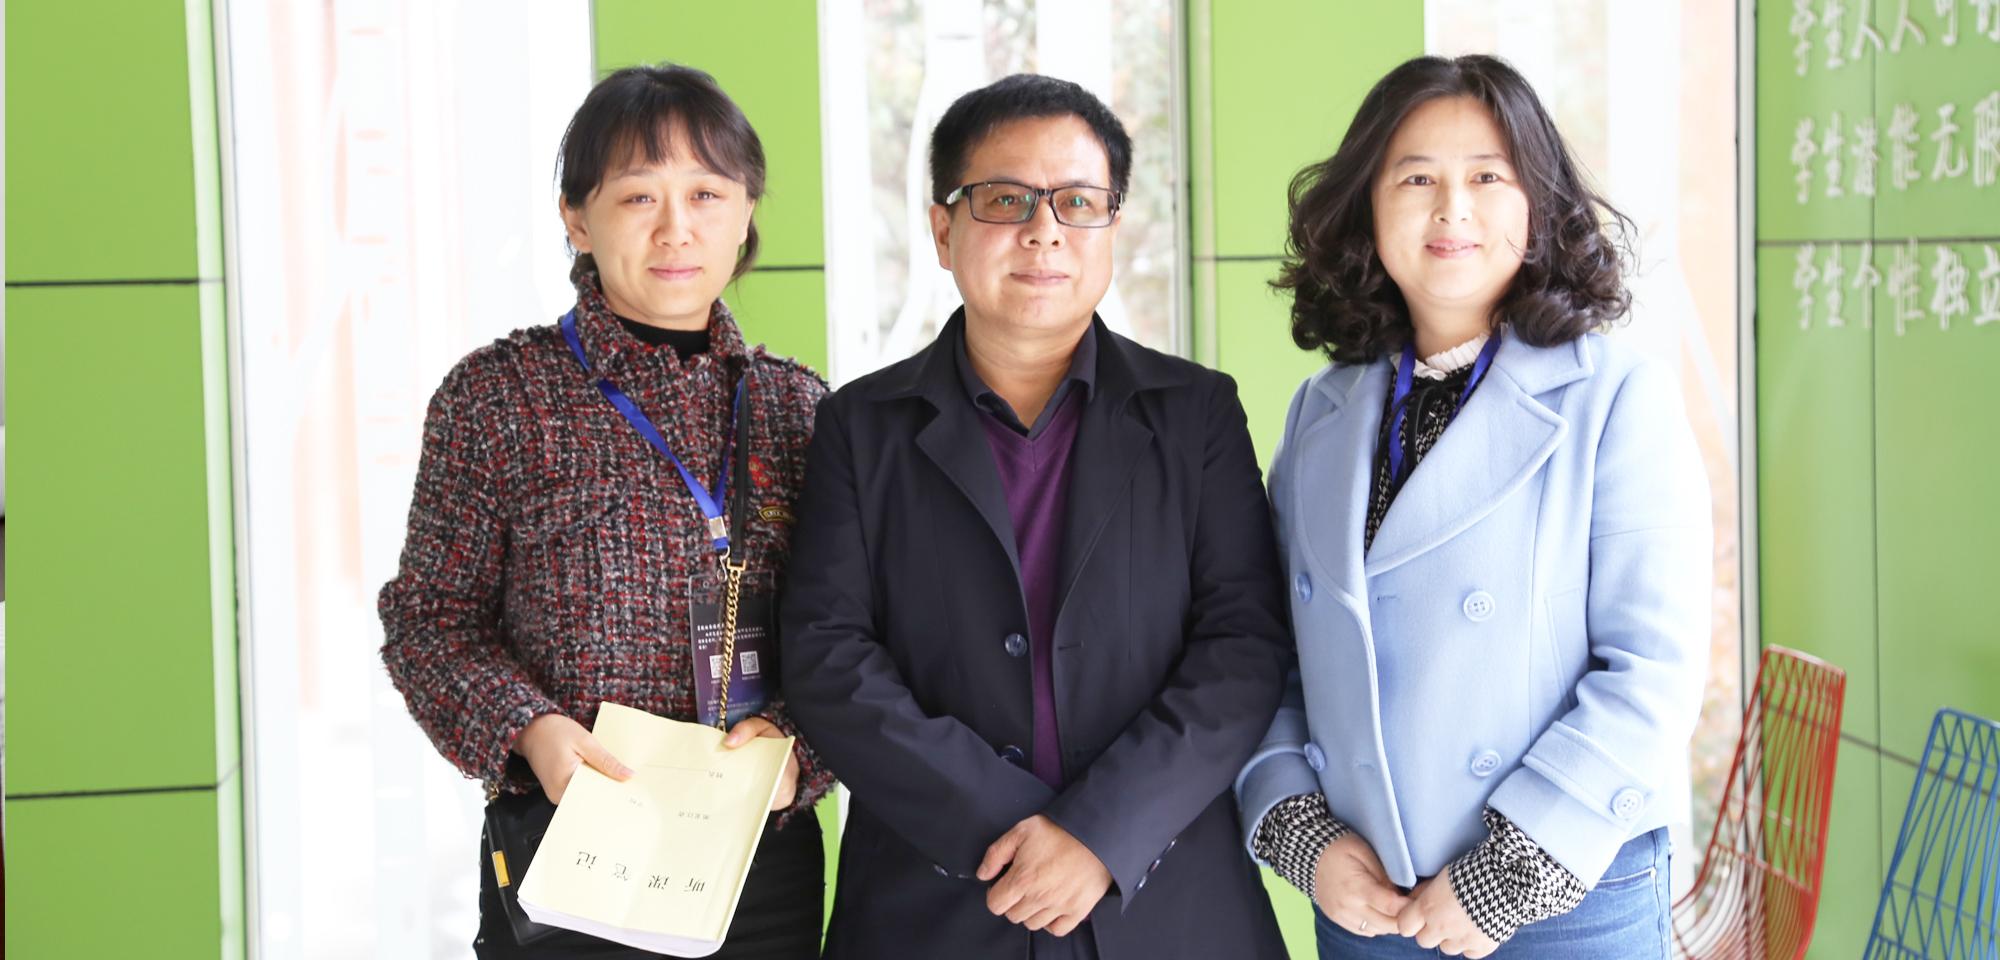 理事长朱孝忠与山西的代表交流工作室研修经验。